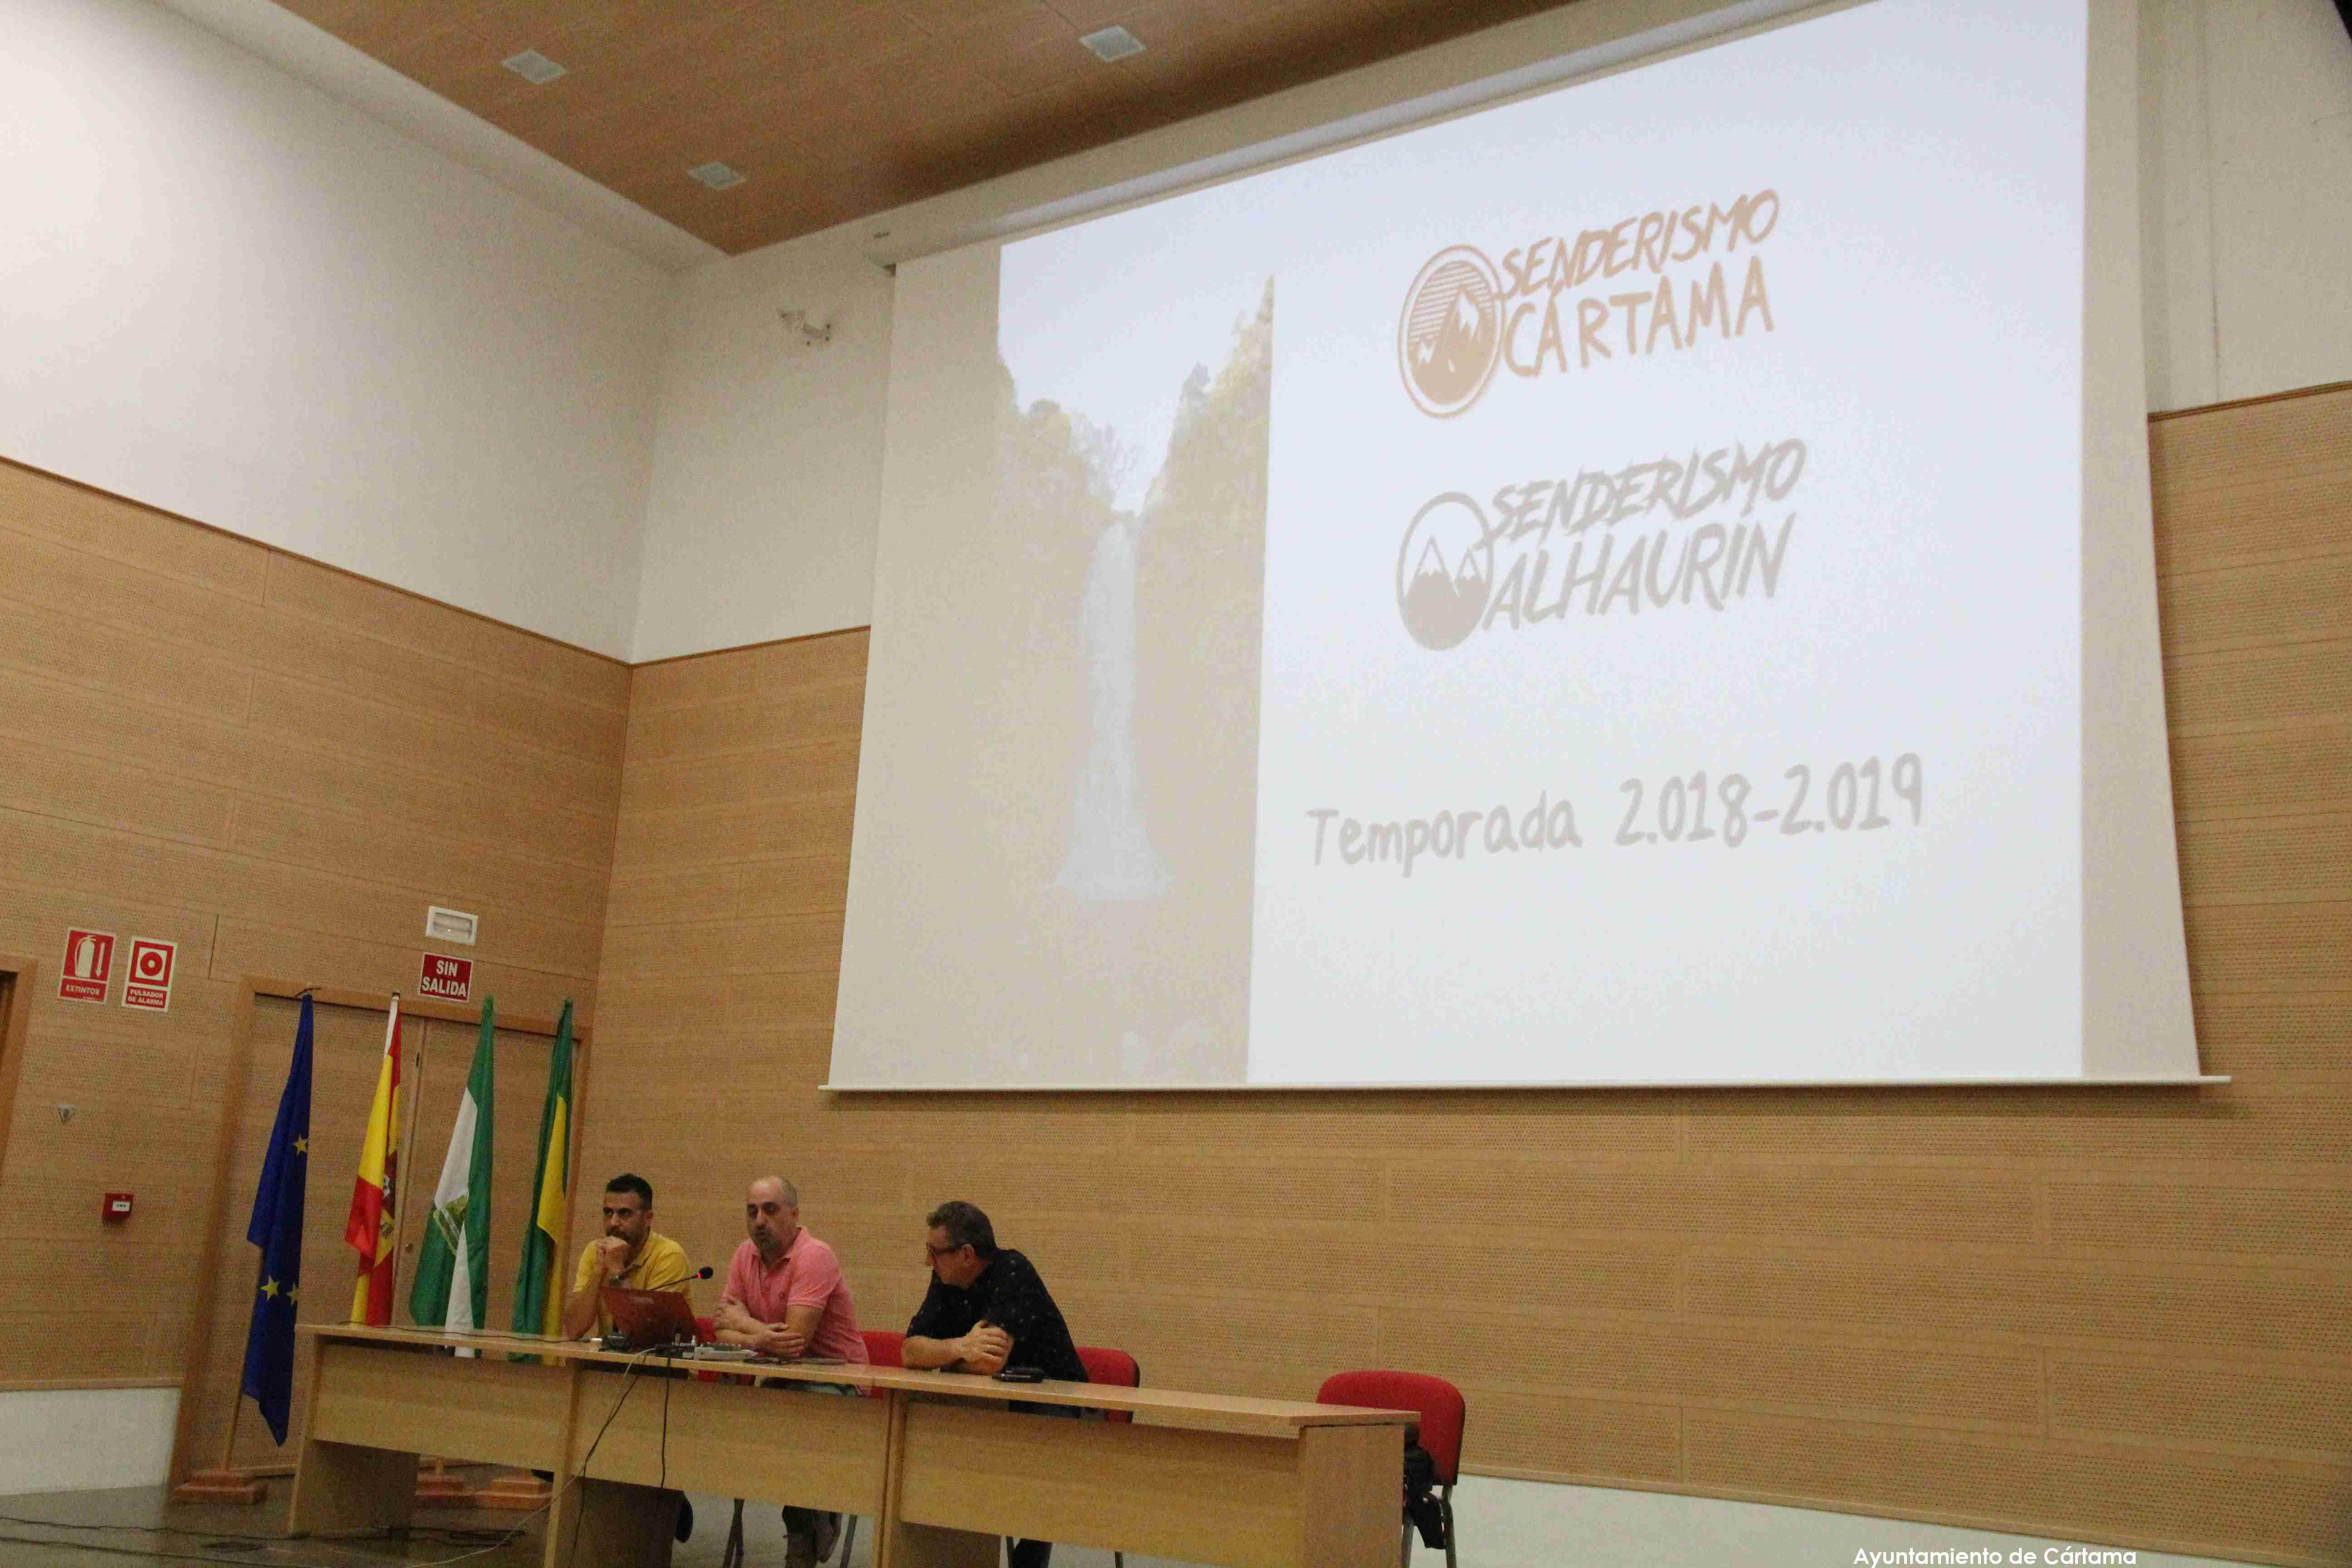 presentacion-rutas-de-senderismo-temporada-2018-2019-2